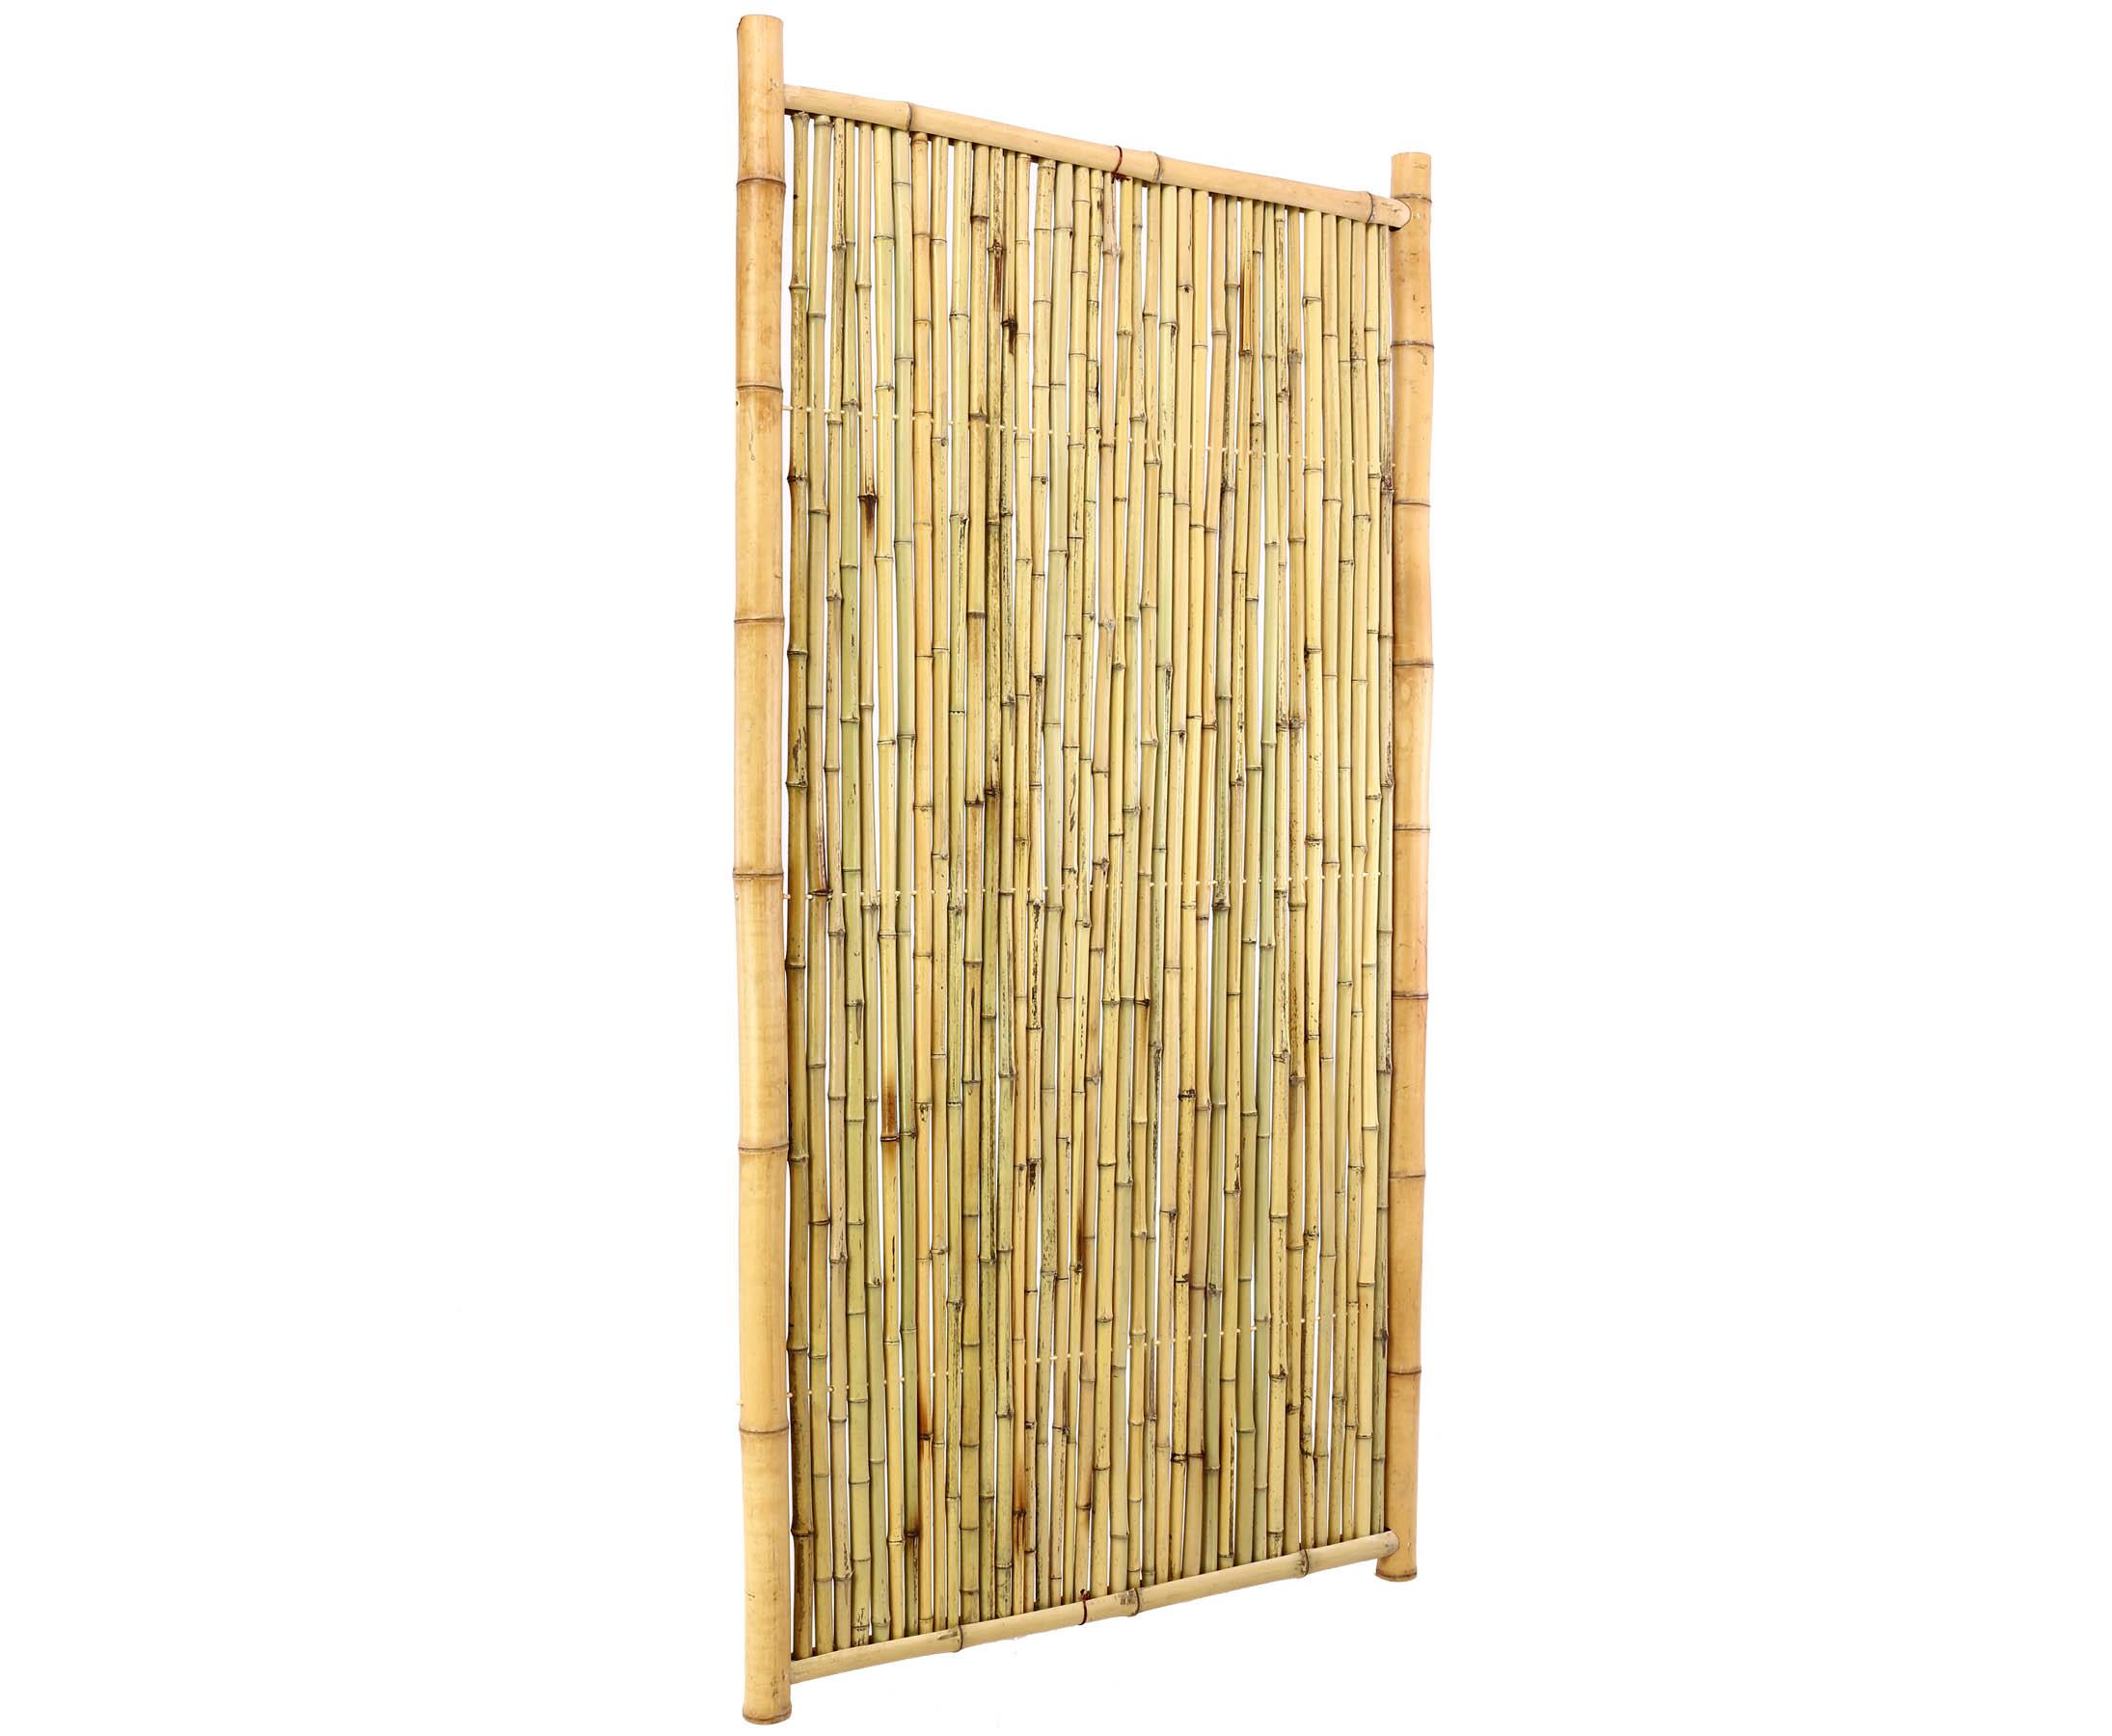 Bambus Sichtschutzzaun Geschlossen 180x120cm Bestellen